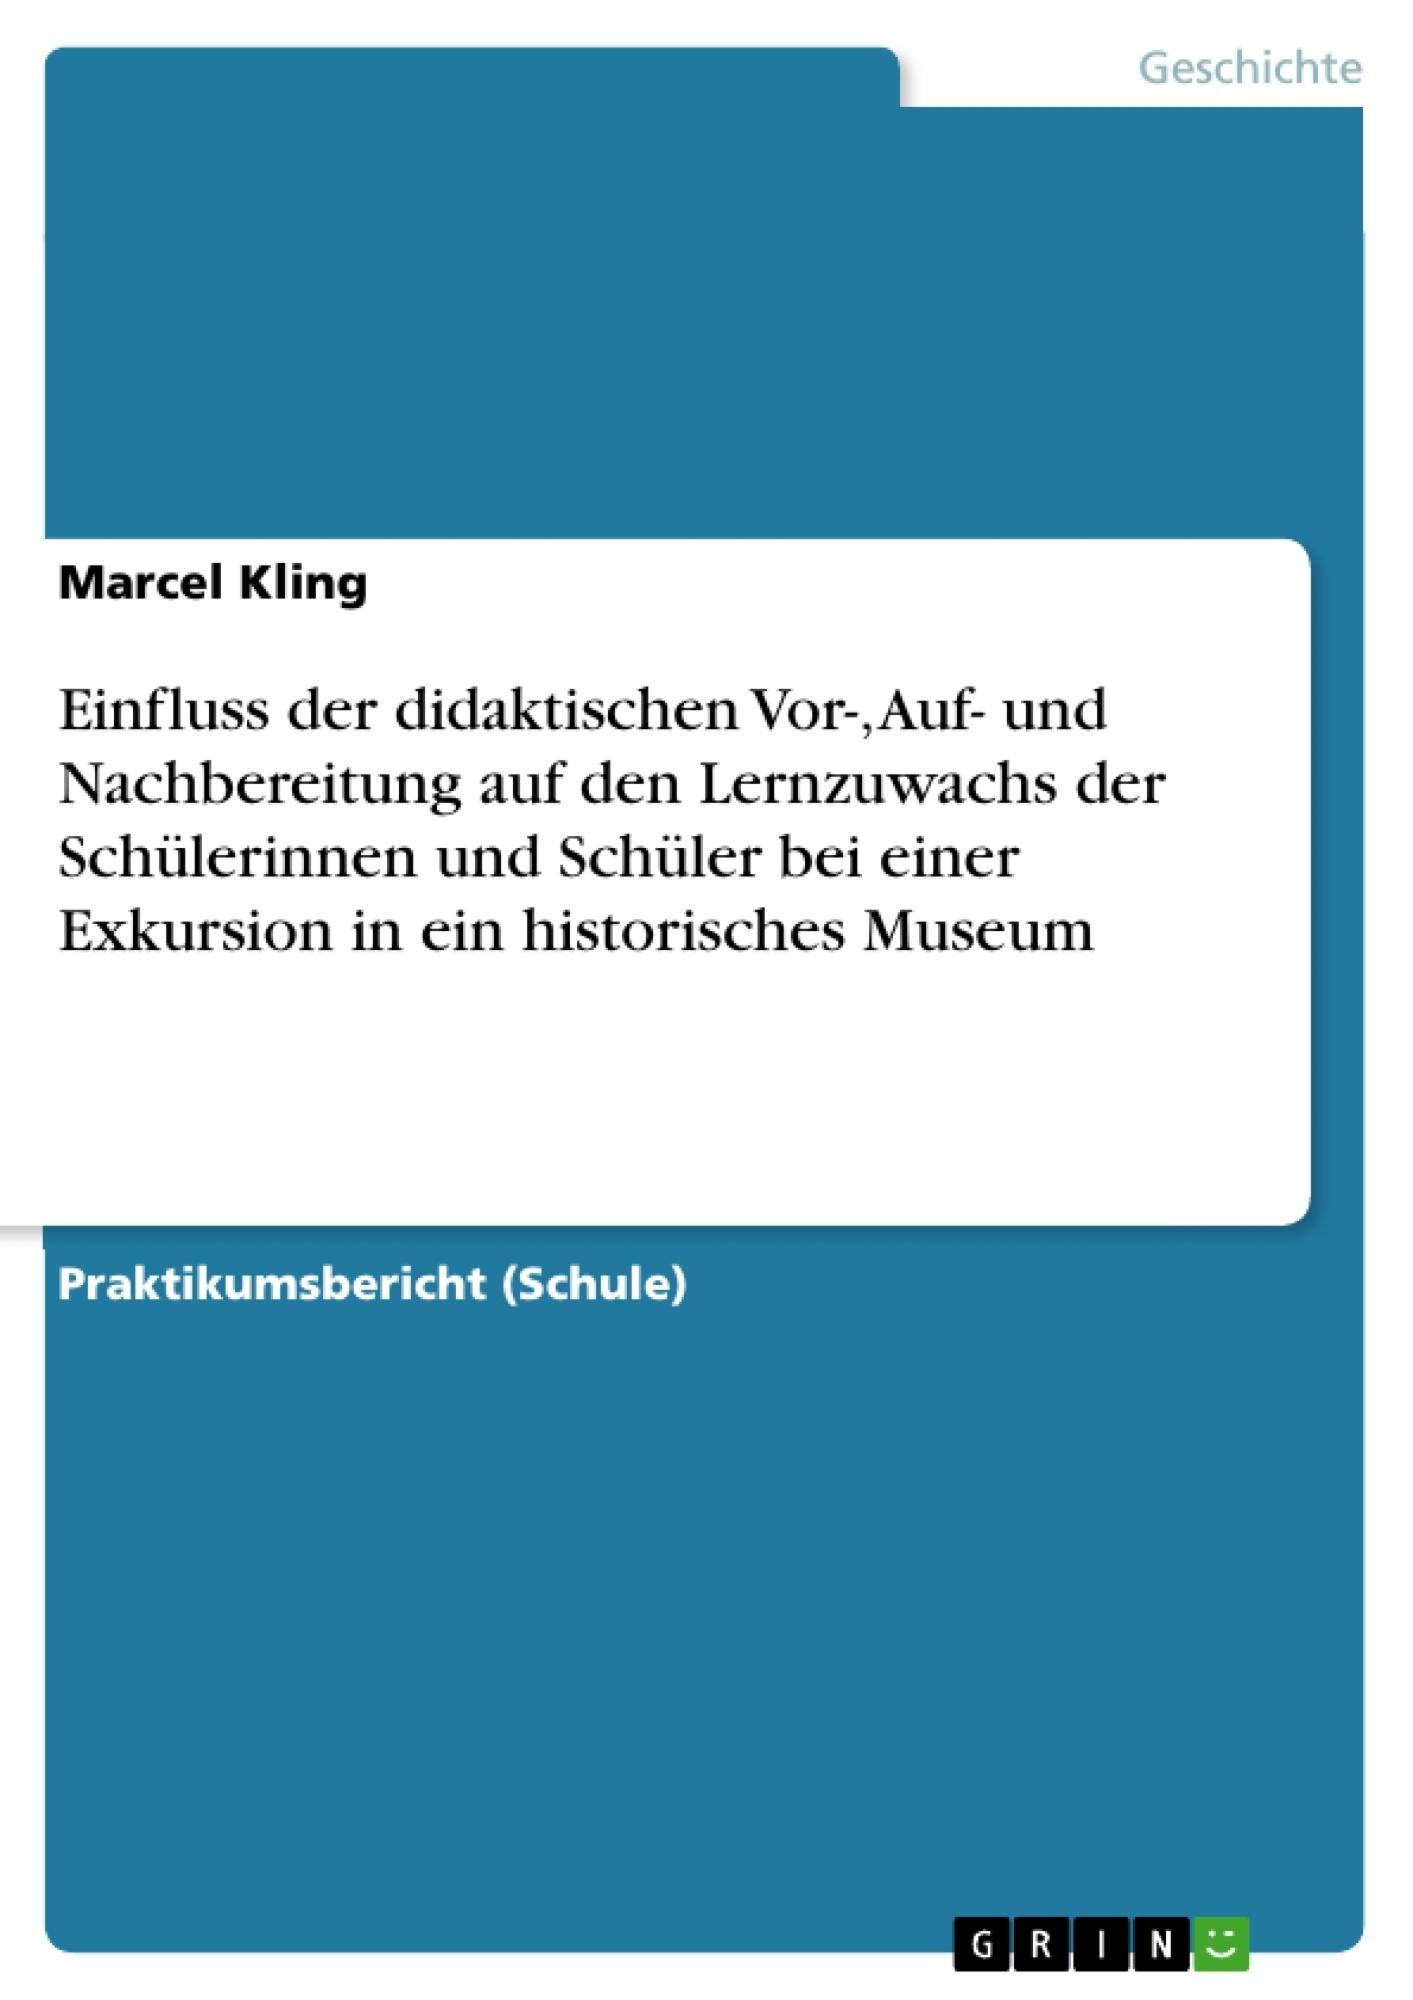 Titel: Einfluss der didaktischen Vor-, Auf- und Nachbereitung auf den Lernzuwachs der Schülerinnen und Schüler bei einer Exkursion in ein historisches Museum